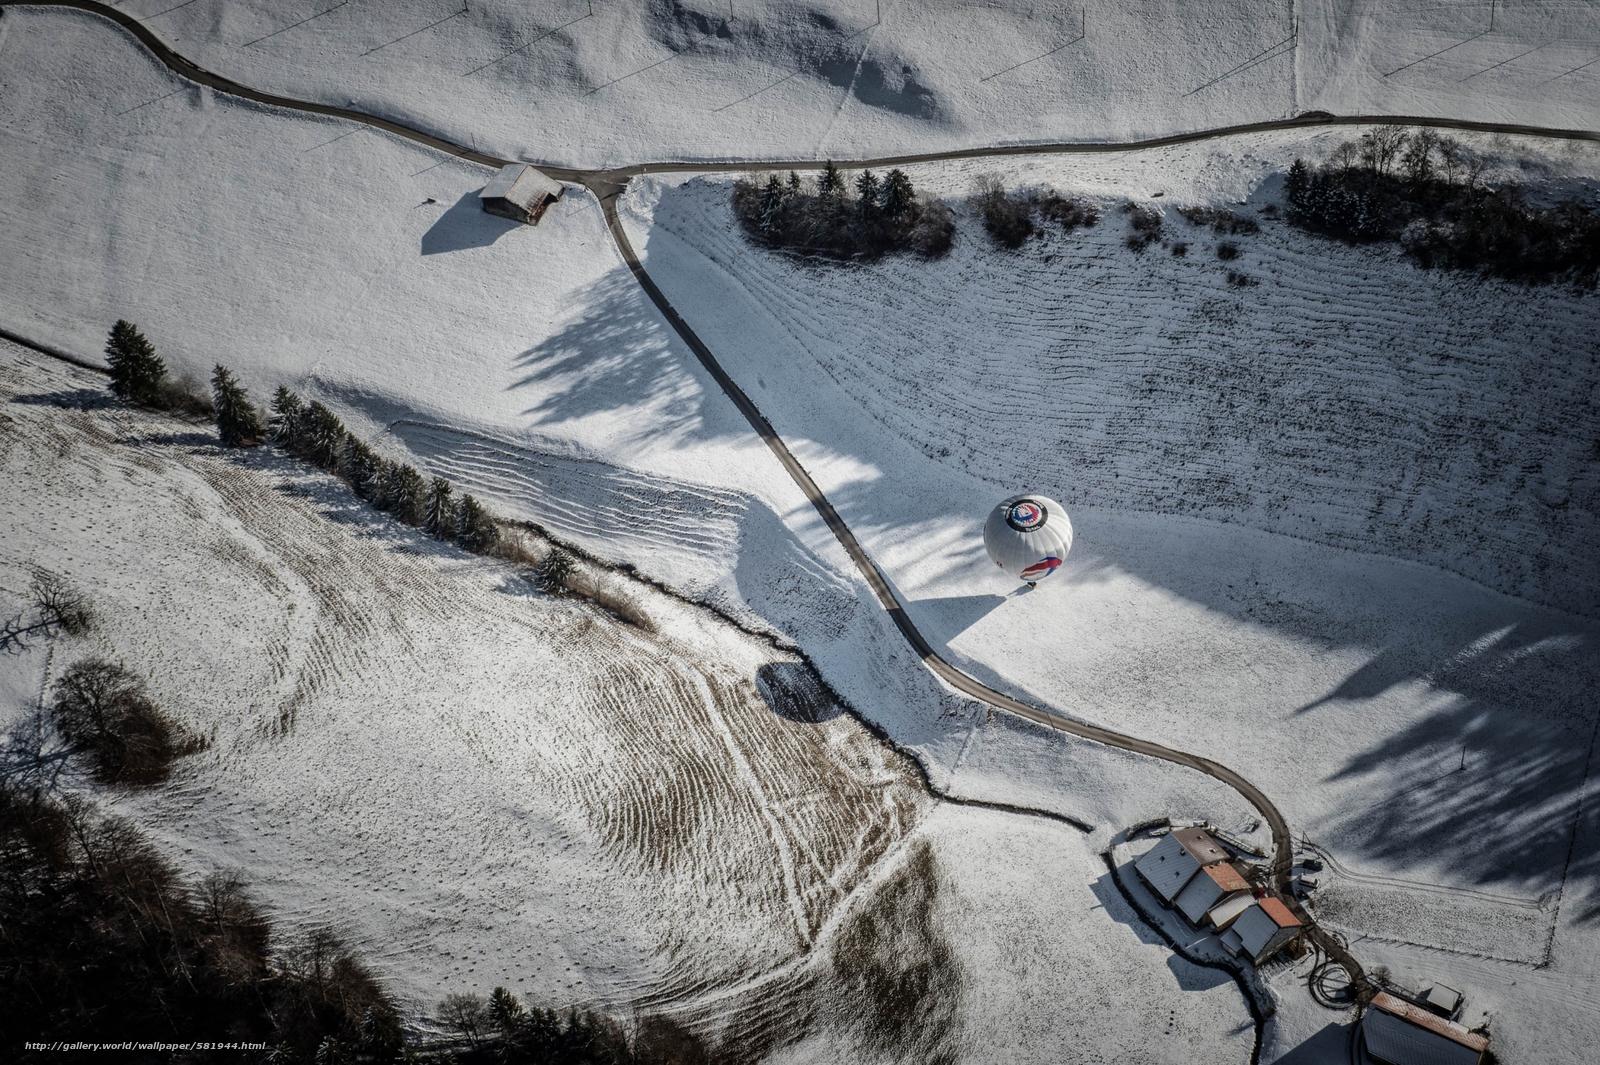 Скачать обои воздушный шар,  дорога,  дома,  вид сверху бесплатно для рабочего стола в разрешении 2500x1664 — картинка №581944